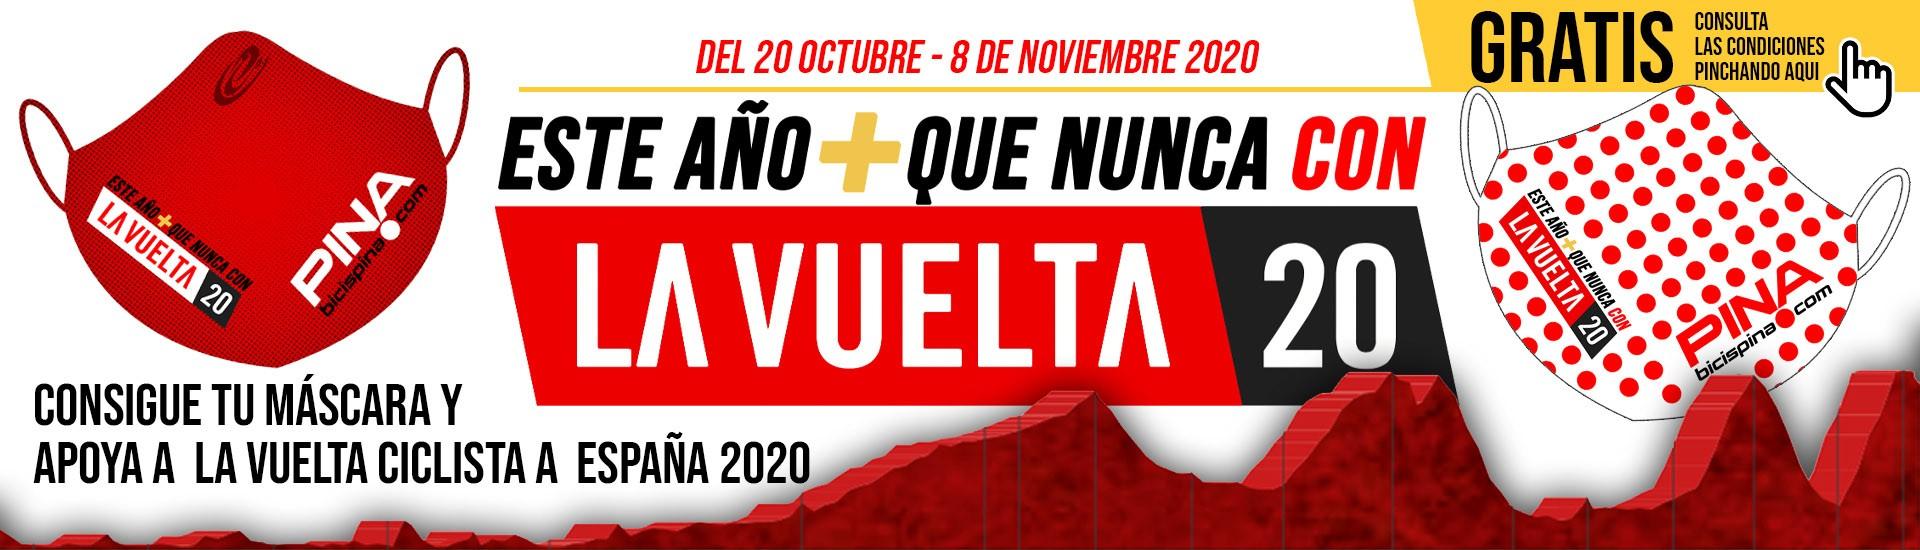 Mascarilla apoyo a La Vuelta 2020